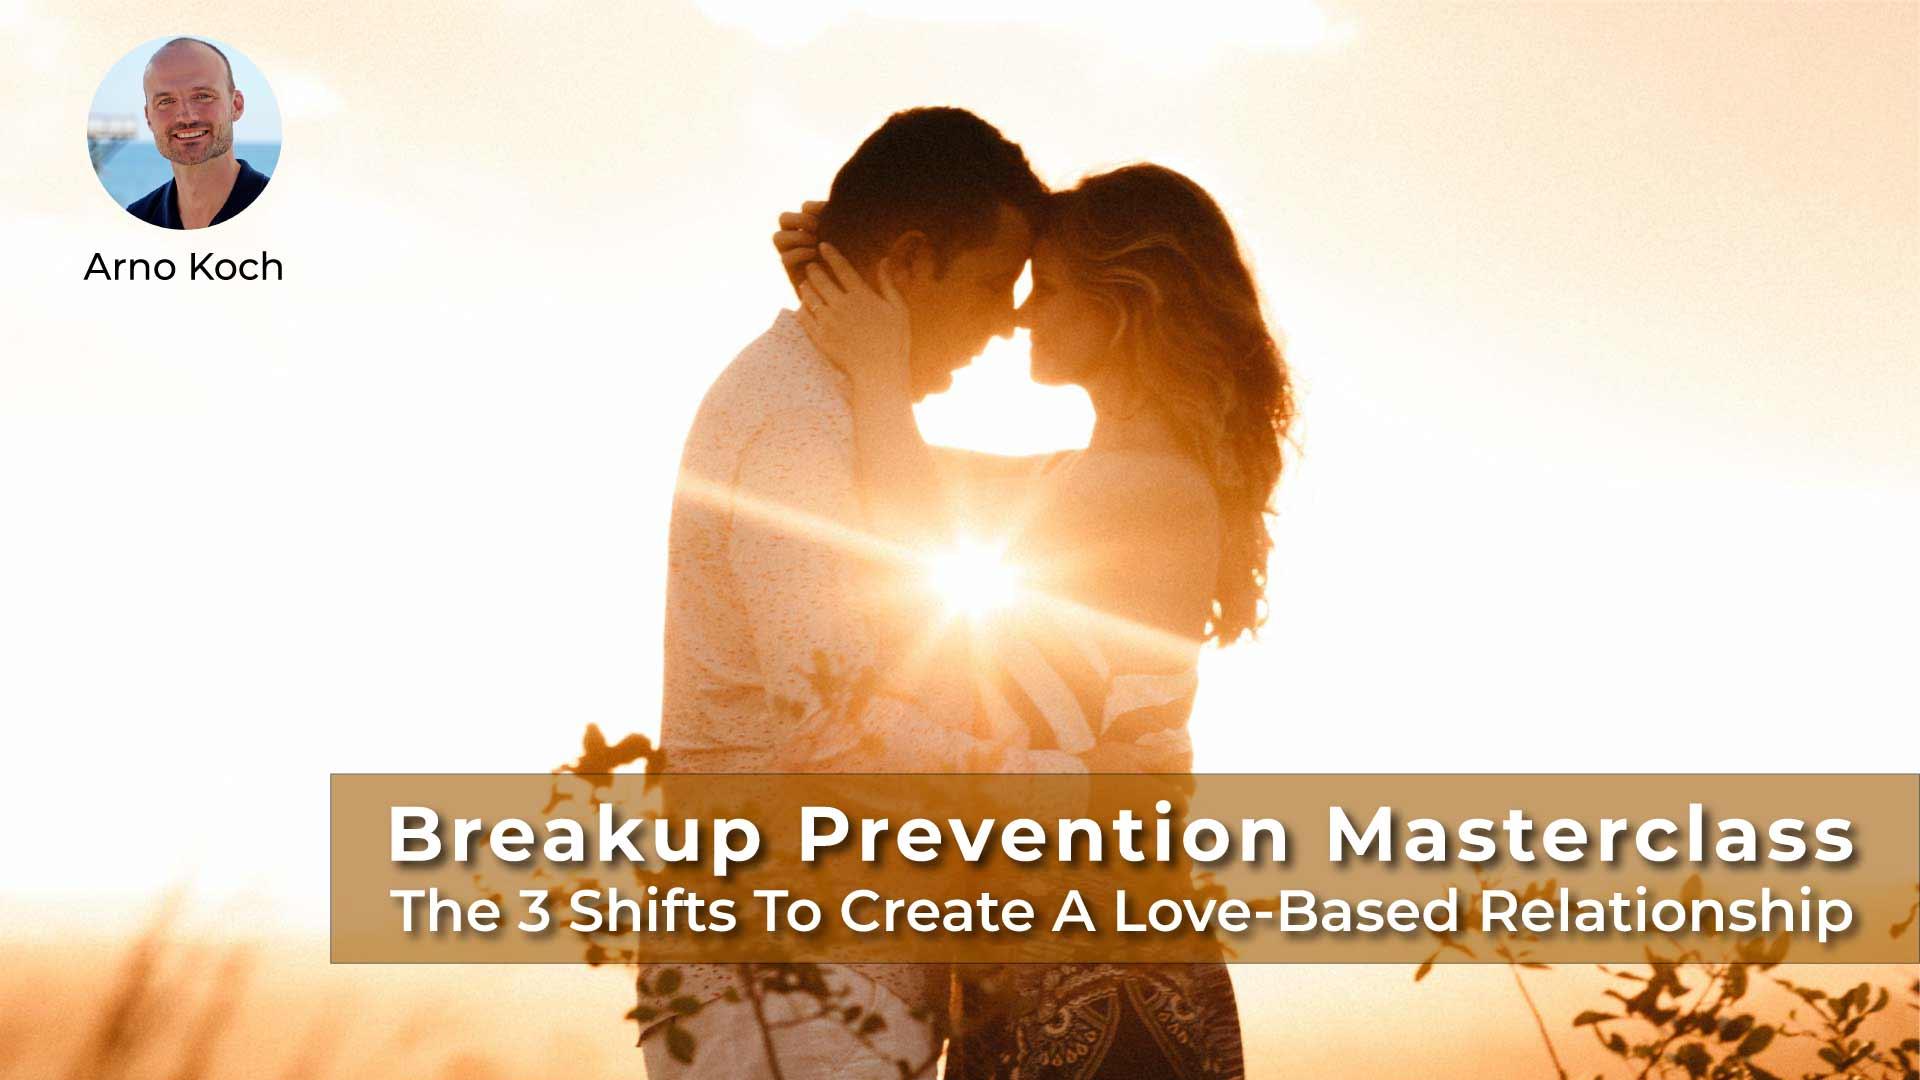 Breakup Prevention Masterclass